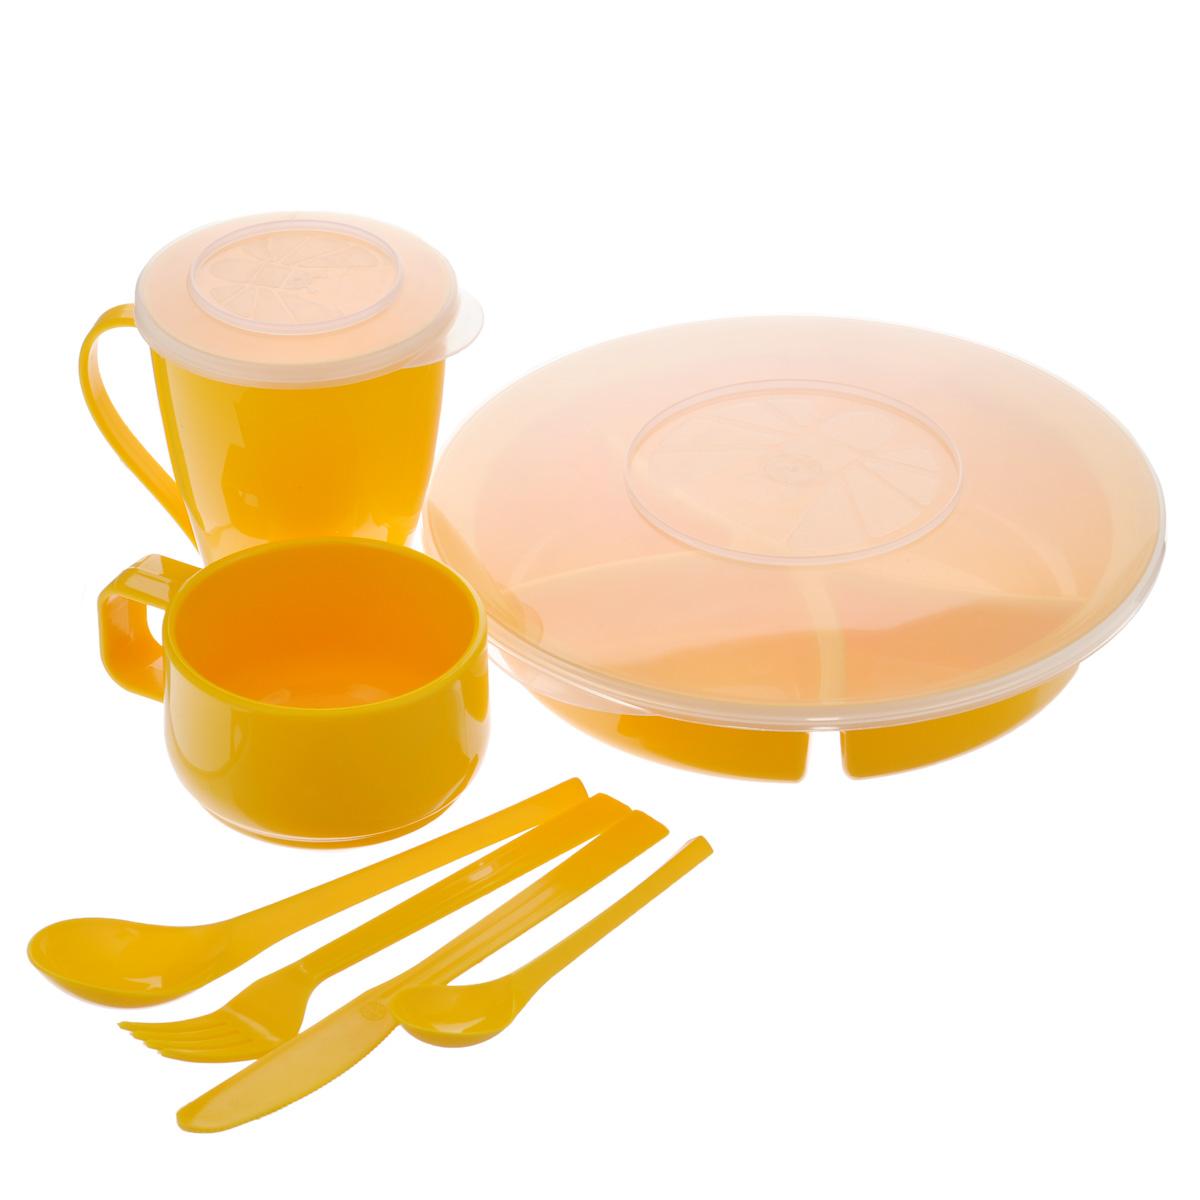 """Набор посуды Solaris """"Вахтовый метод"""", цвет: желтый, на 1 персону S1102"""